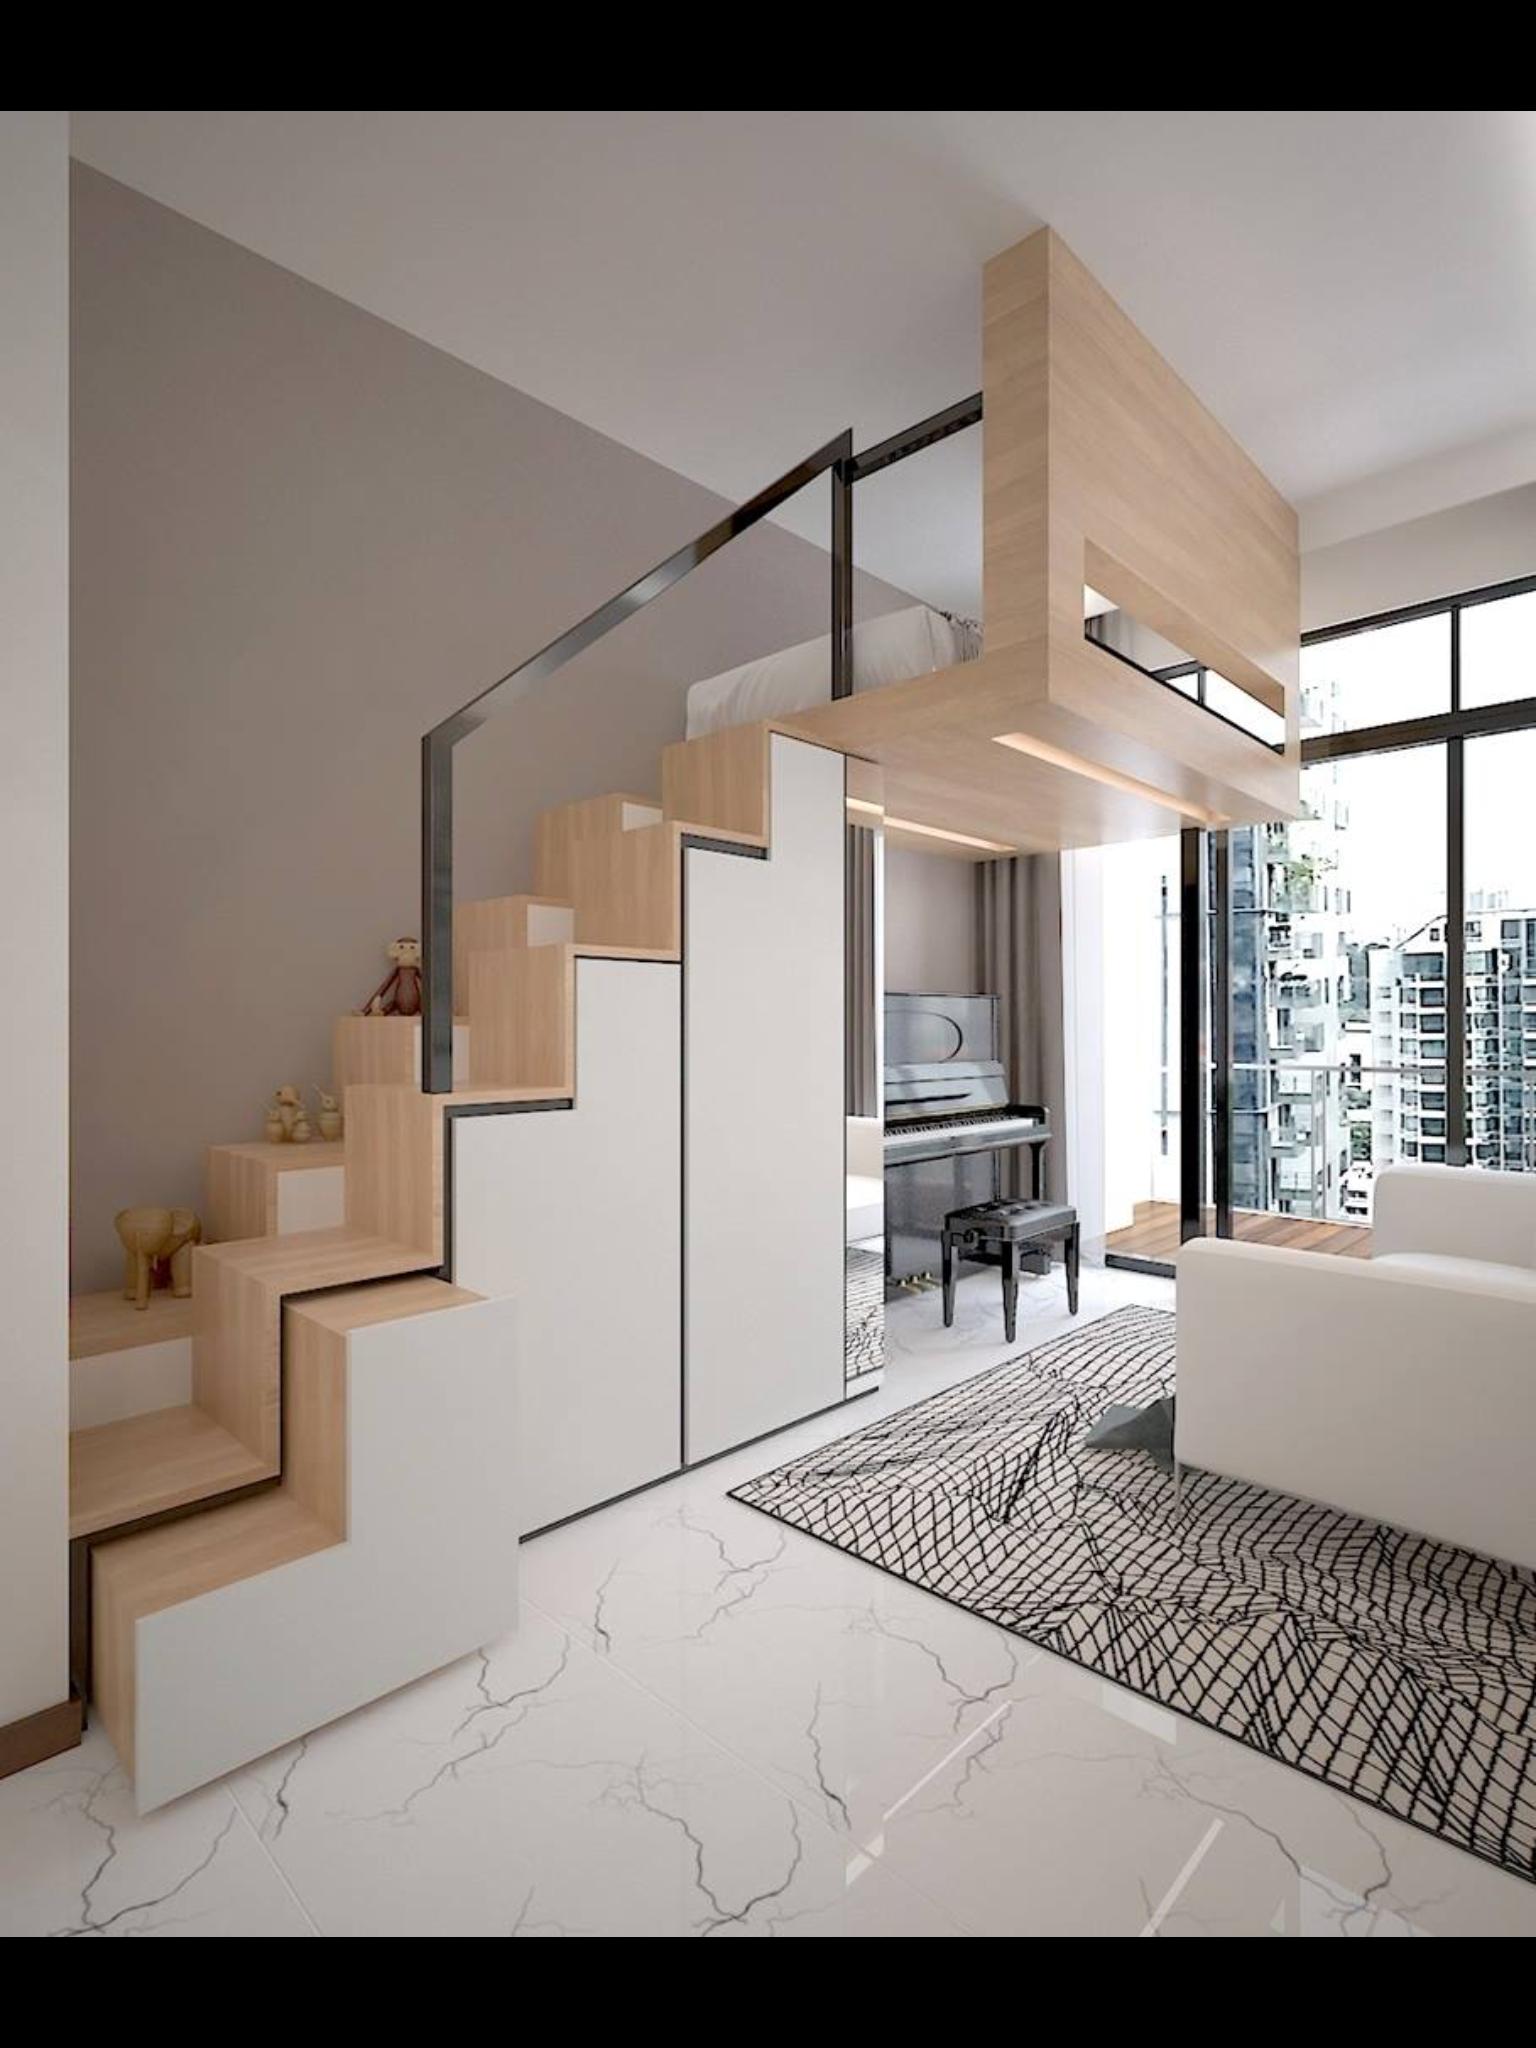 maison du futur interieur. Black Bedroom Furniture Sets. Home Design Ideas